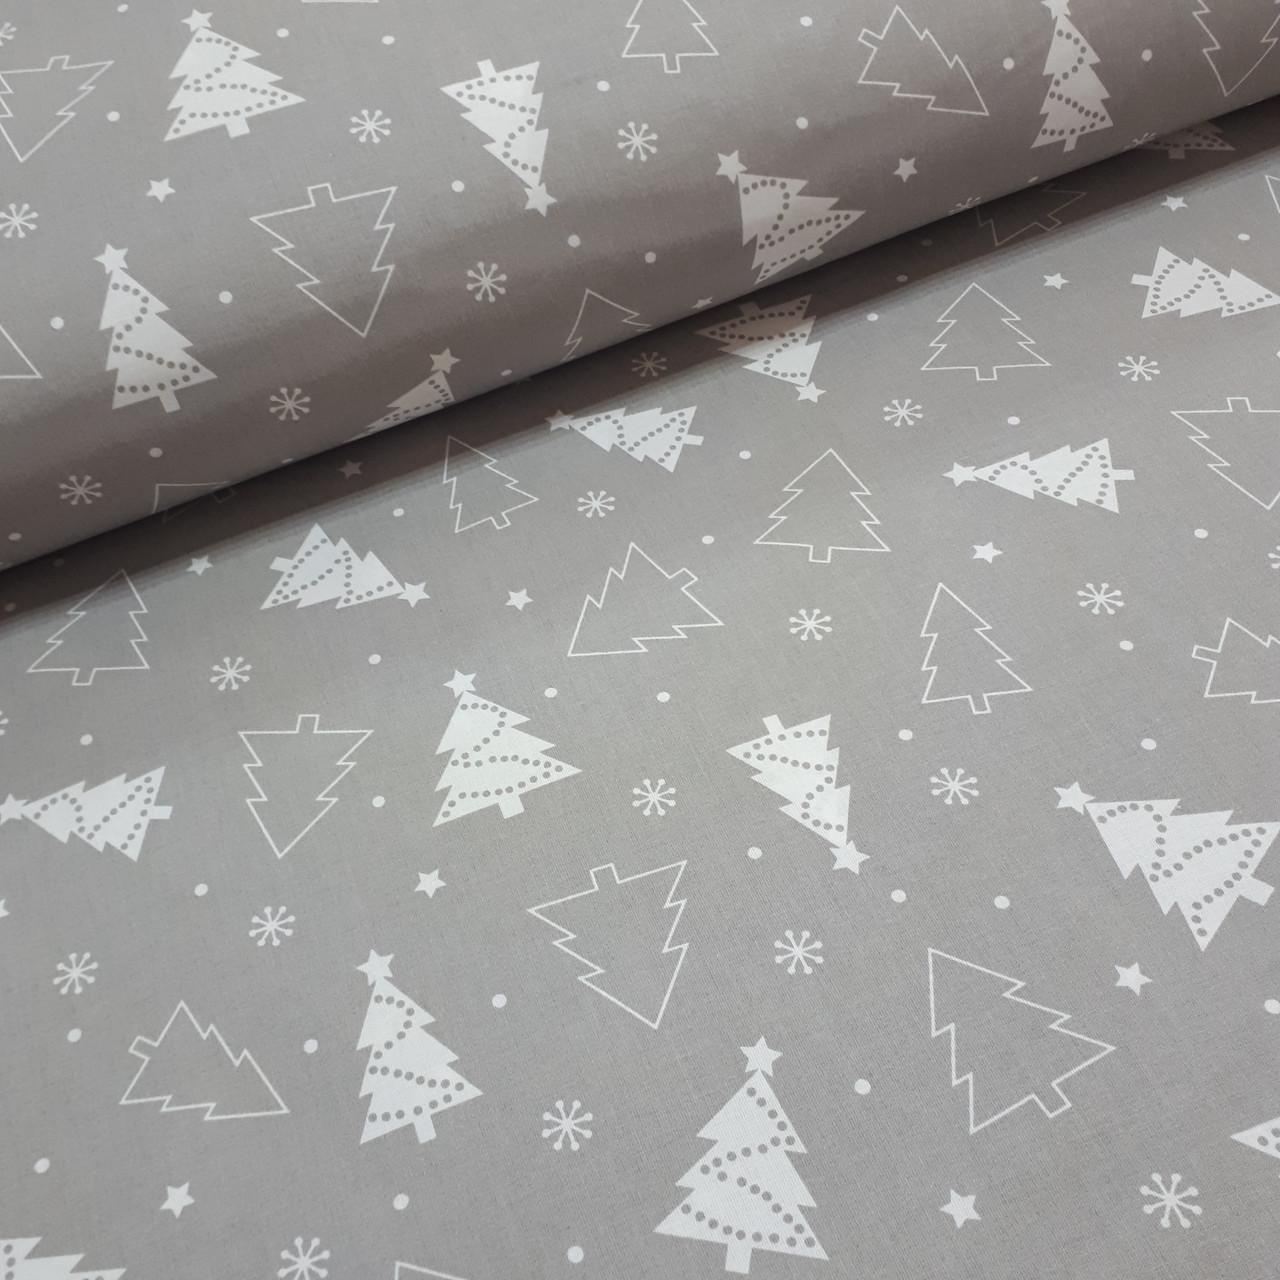 Ткань новогодняя хлопковая, белые елки на сером ОТРЕЗ (1.4*1.6)